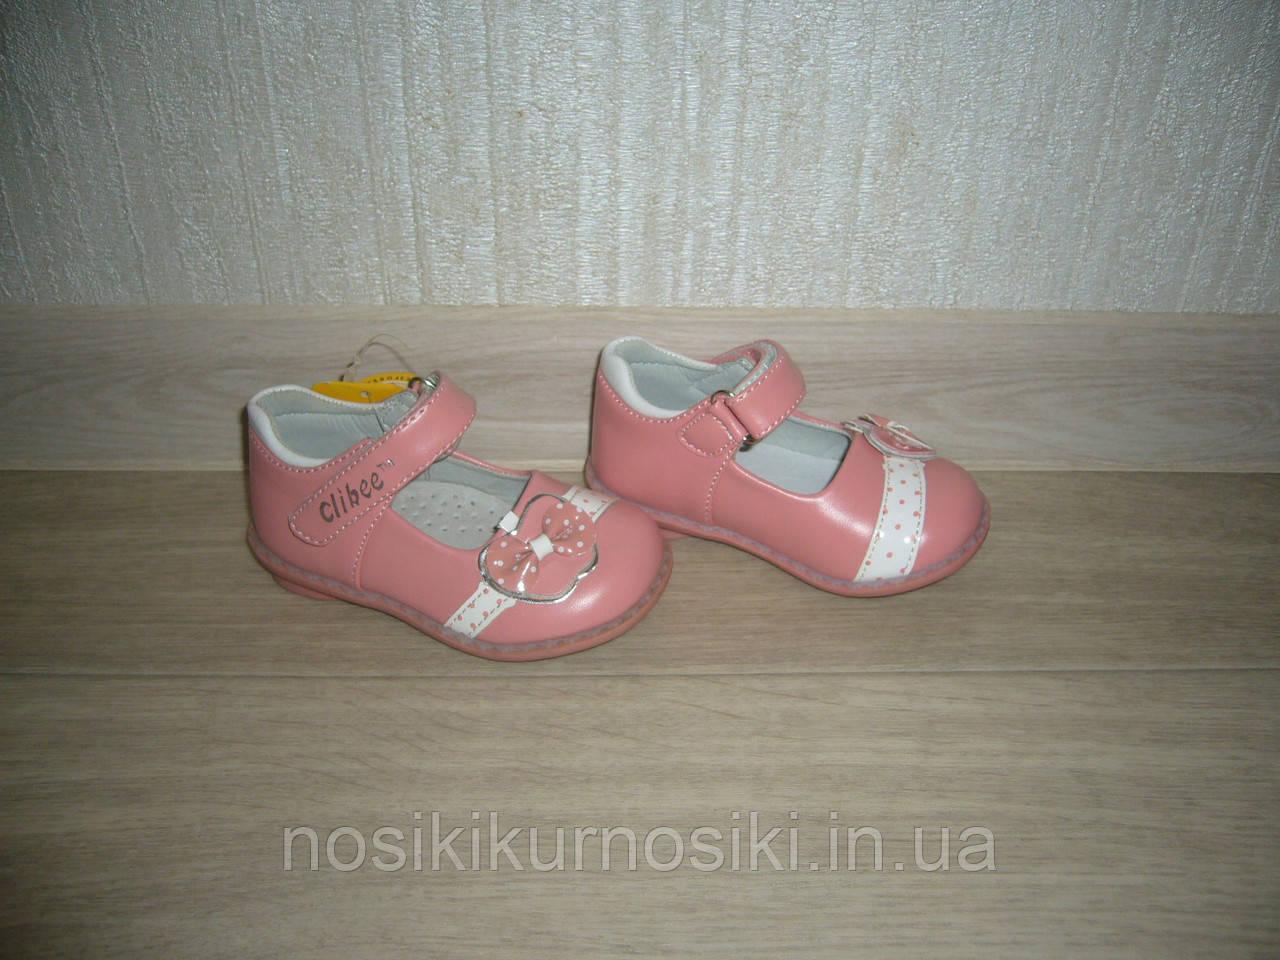 Туфли для девочек Clibee размеры 23, 24